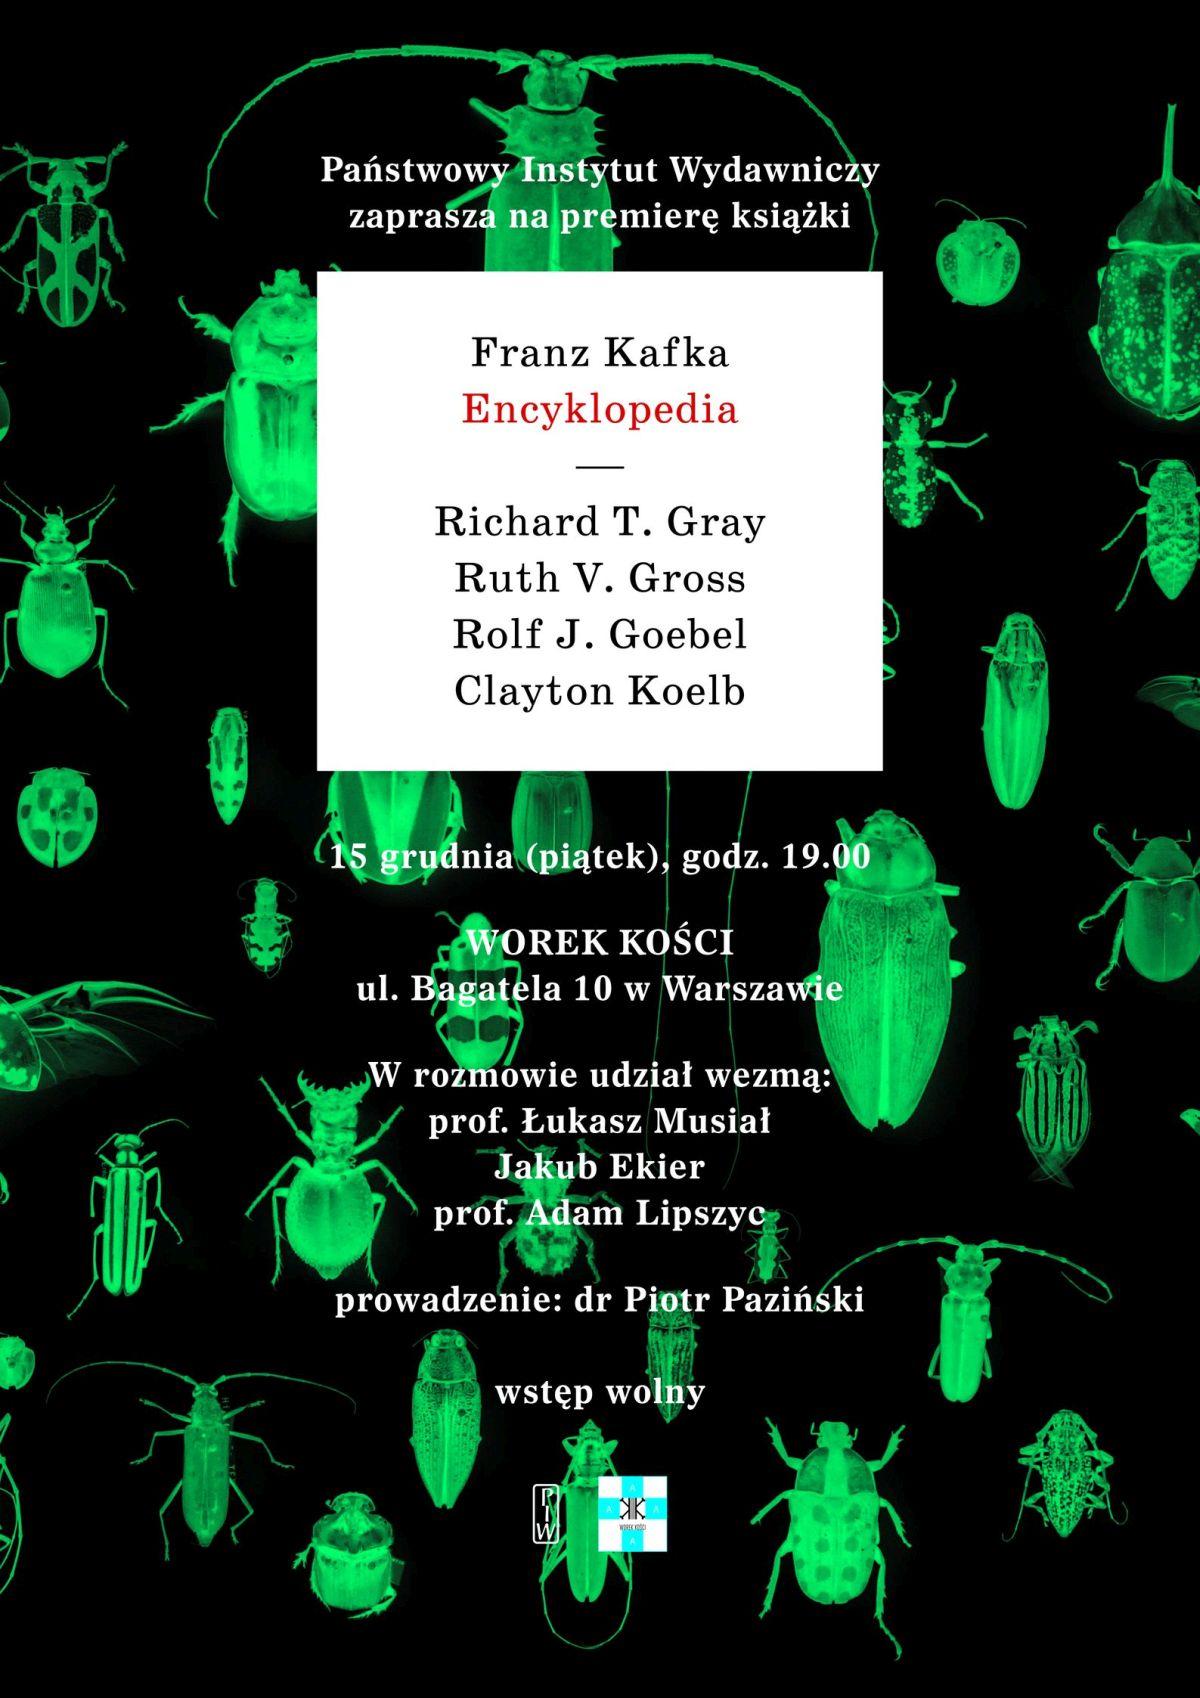 """Spotkanie wokół książki """"Franz Kafka. Encyklopedia"""" – plakat (źródło: materiały prasowe organizatora)"""